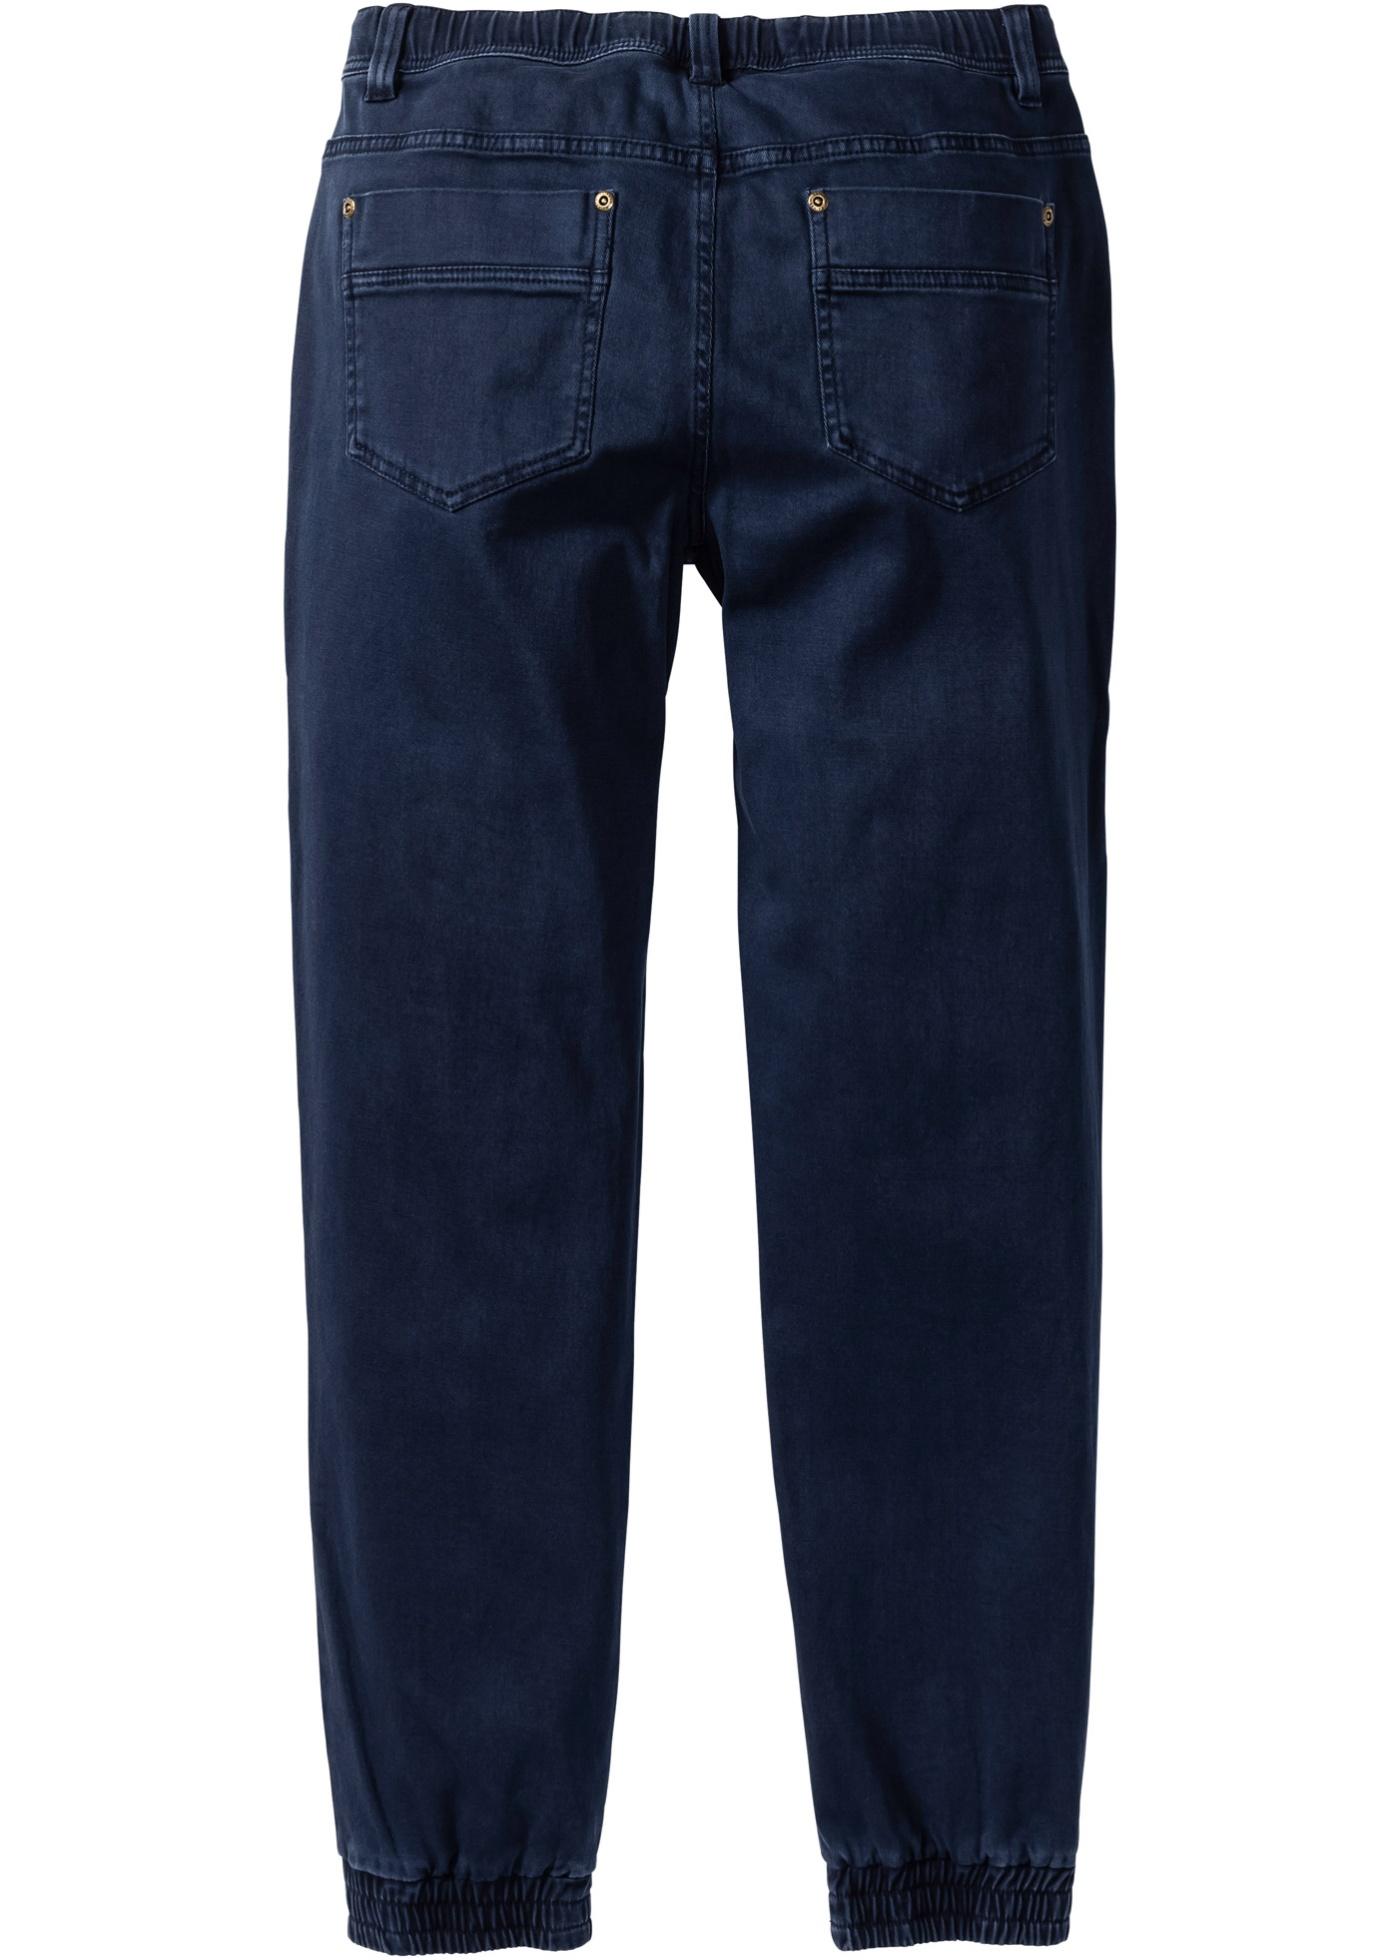 Pantalone elasticizzato s